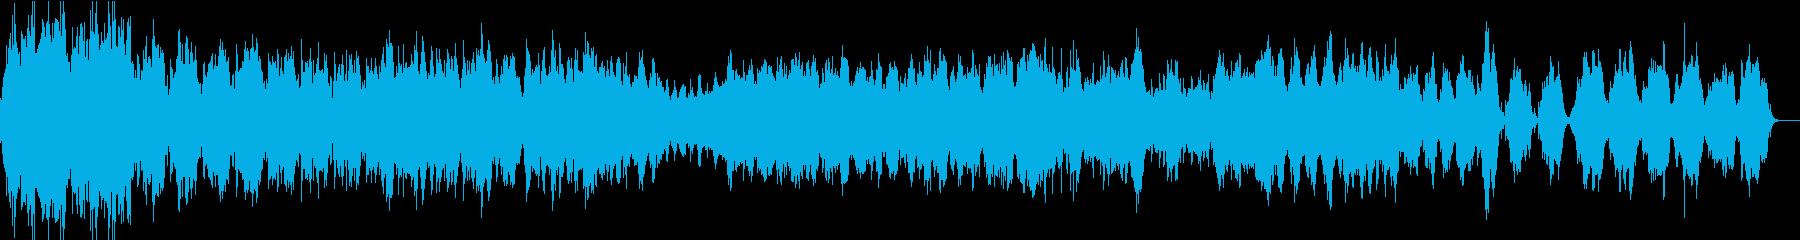 フォーレの管弦楽のような美しいインストの再生済みの波形